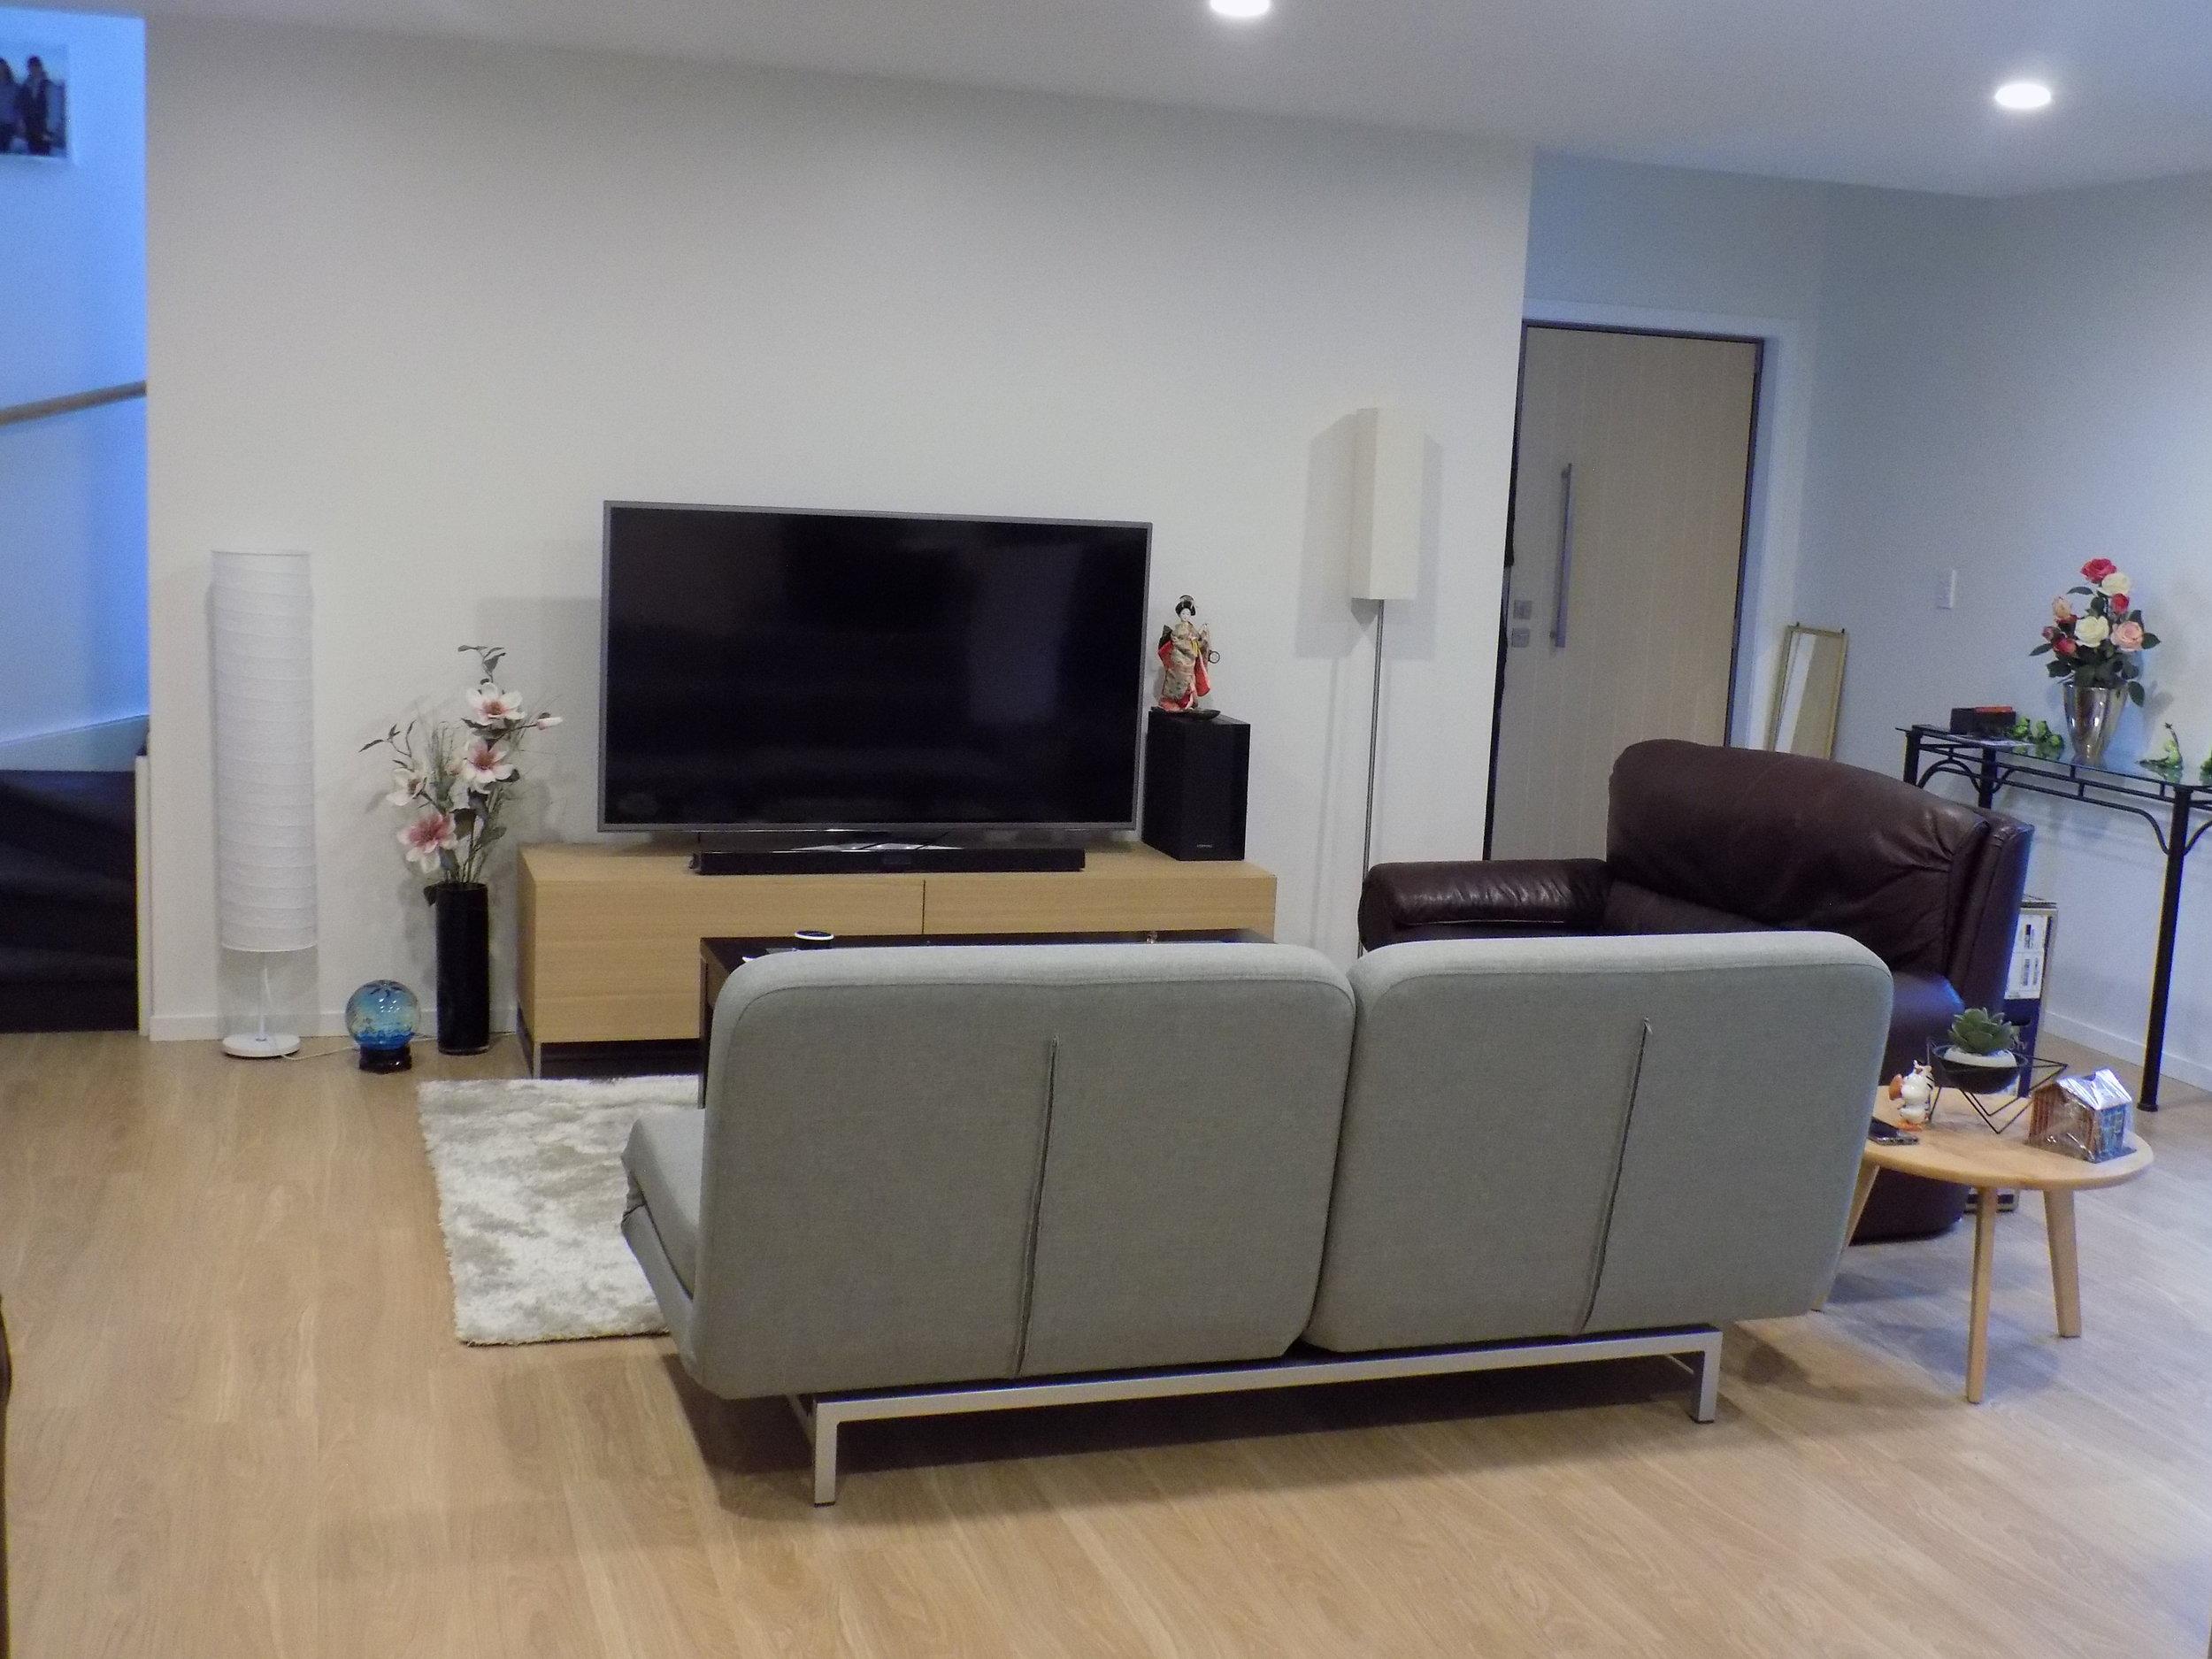 New dwelling lounge